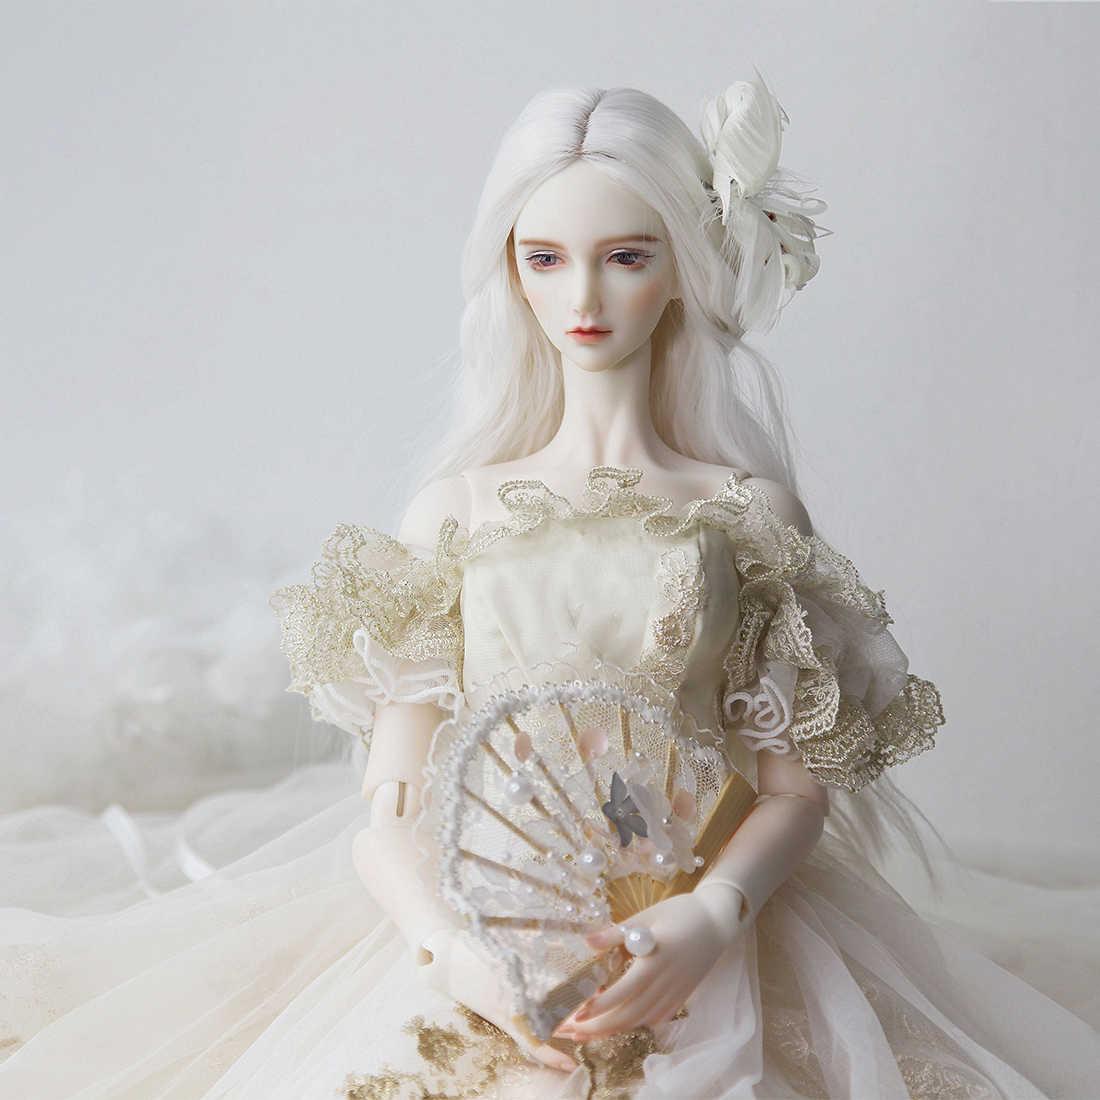 Bambola Costume Del Bordo Del Merletto Abito Da Sposa Per 1/4 Per 1/3 BJD Bambole Cervello Giocattolo Per I Bambini Giocattoli Educativi Regalo Di Compleanno-No Bambola